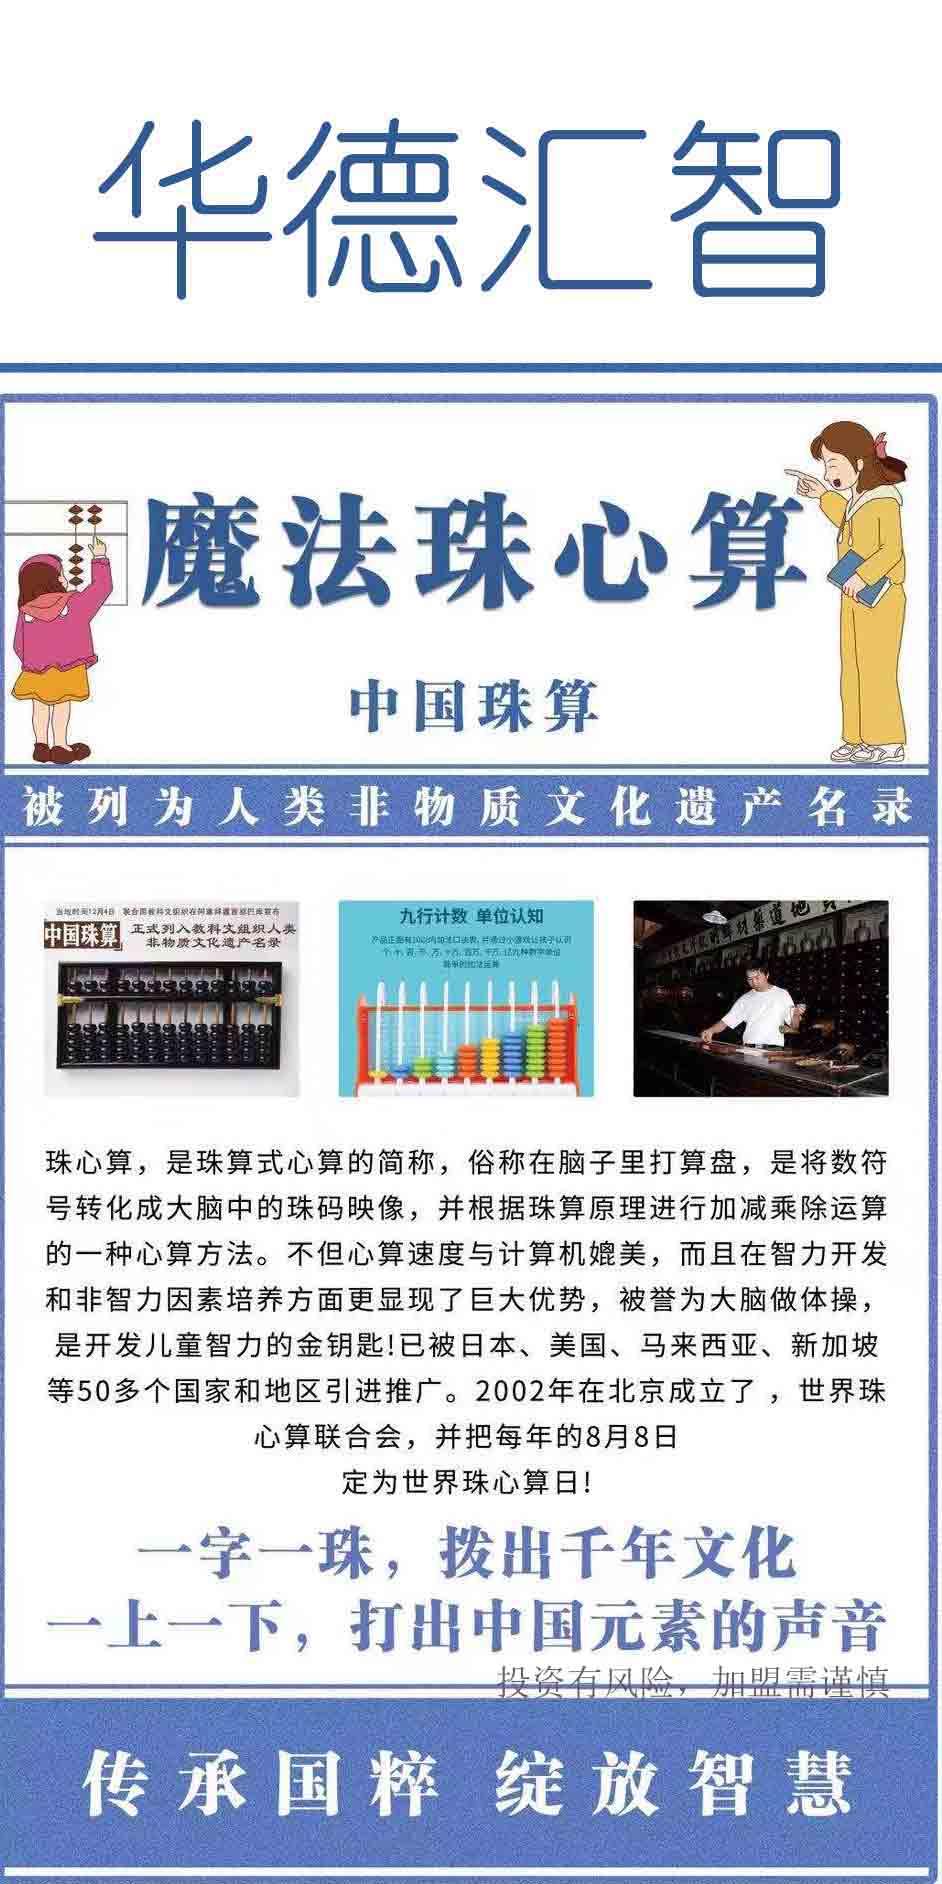 北京珠心算加盟多少錢 誠信經營「碩澤教育培訓供應」